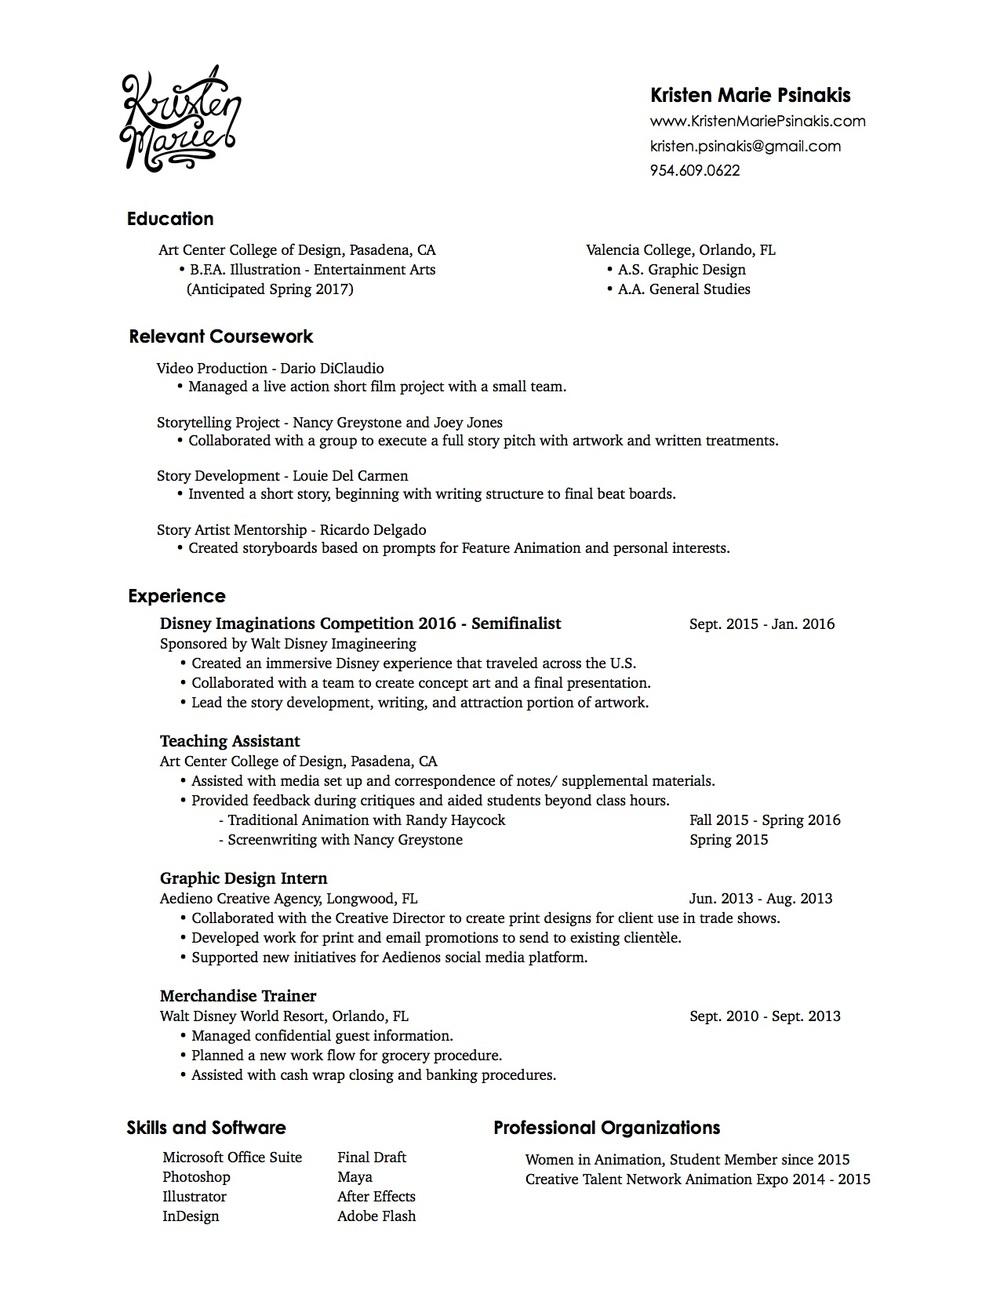 Kristen Psinakis Resume